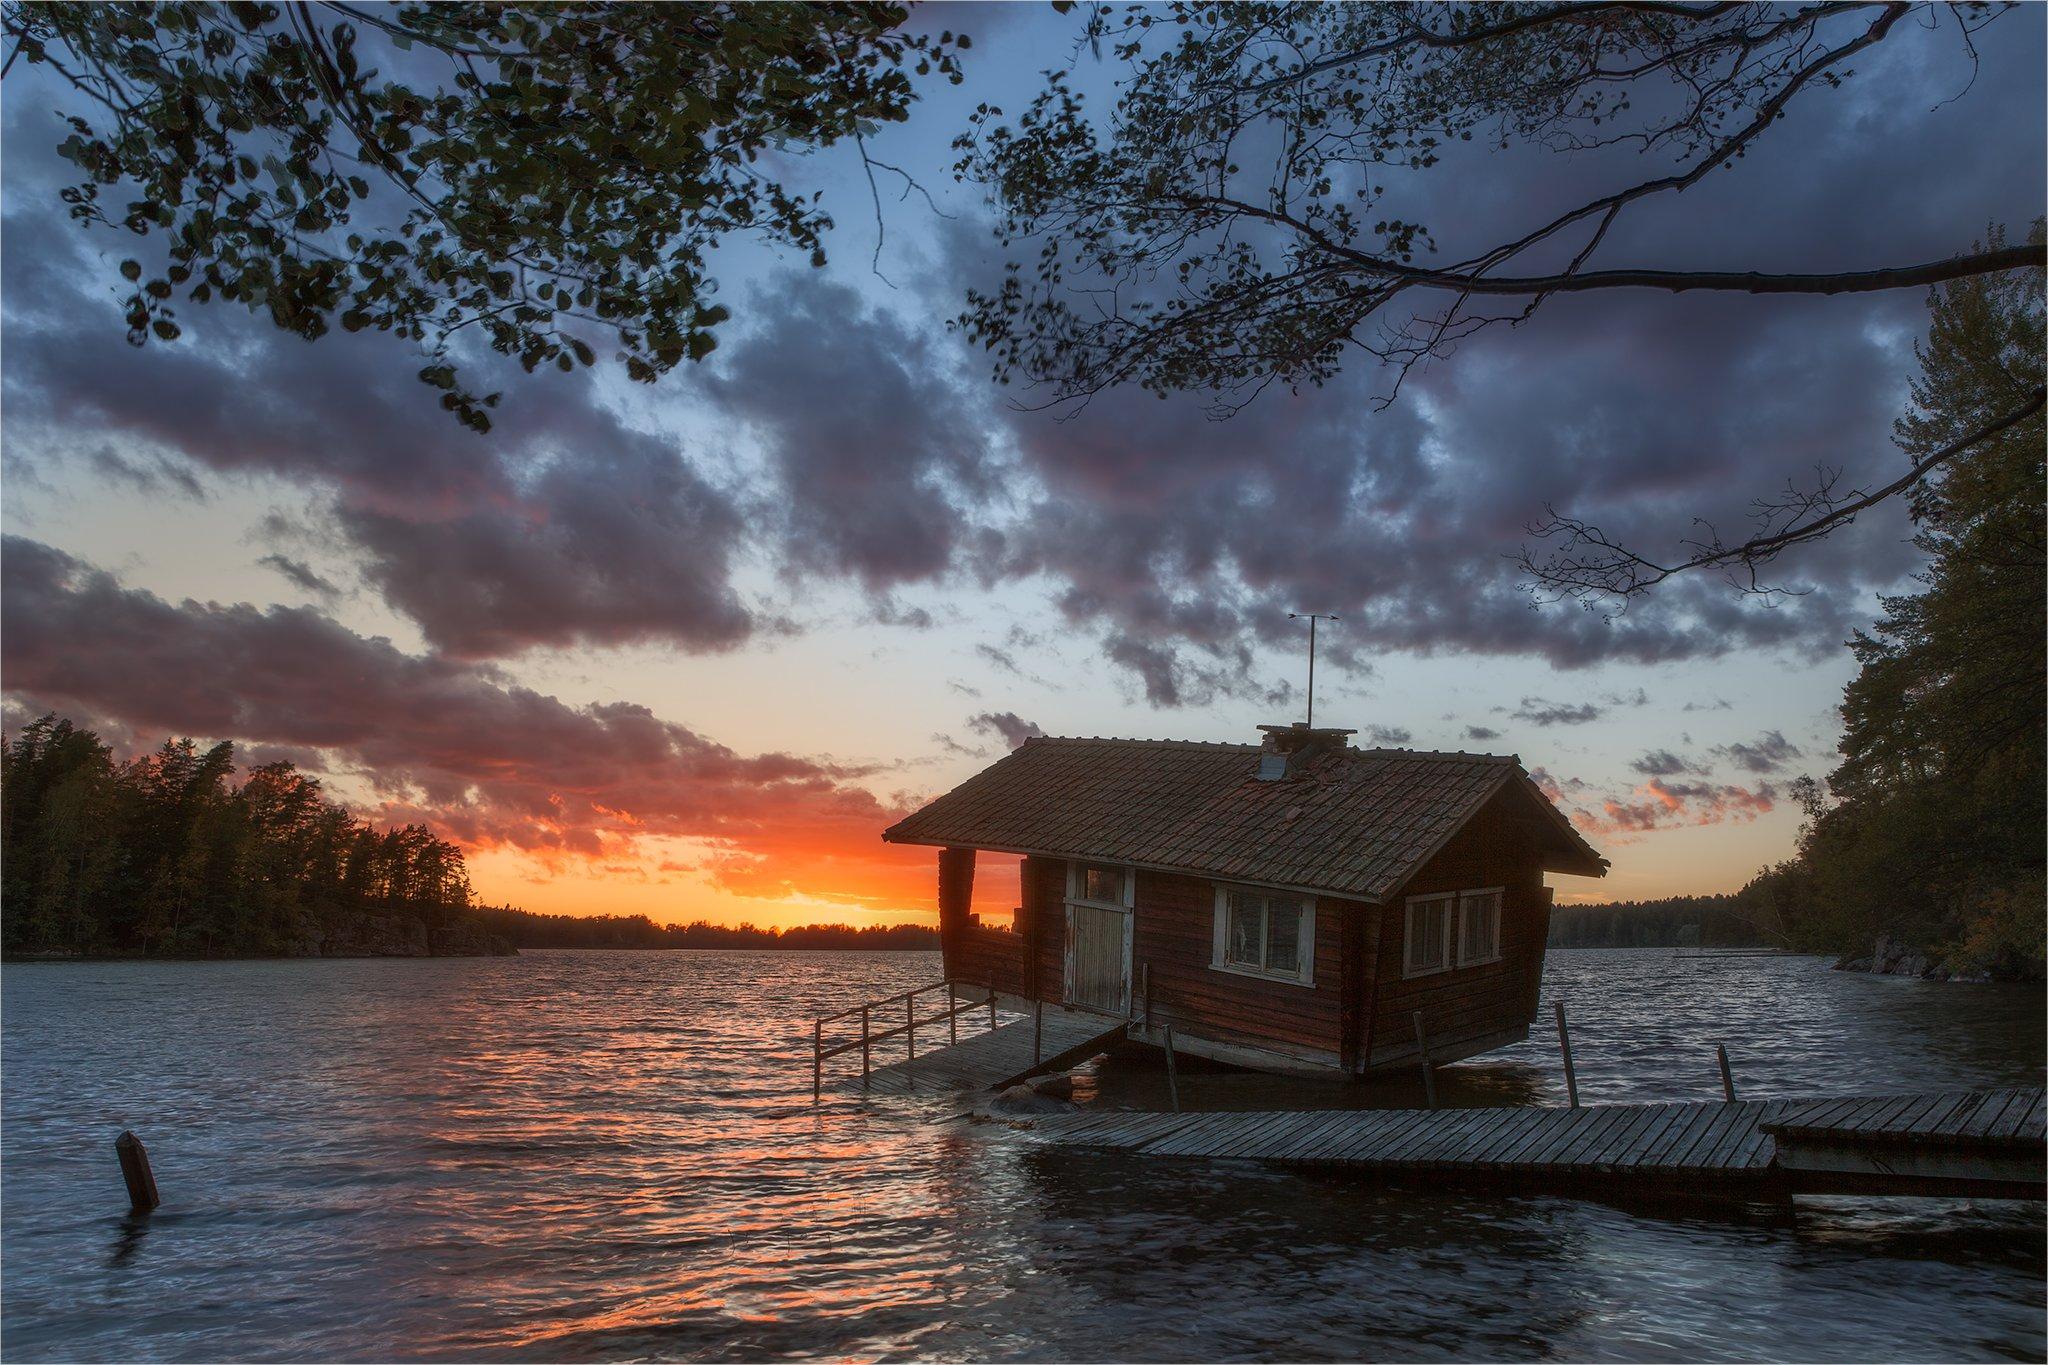 Sauna,Finland, basri